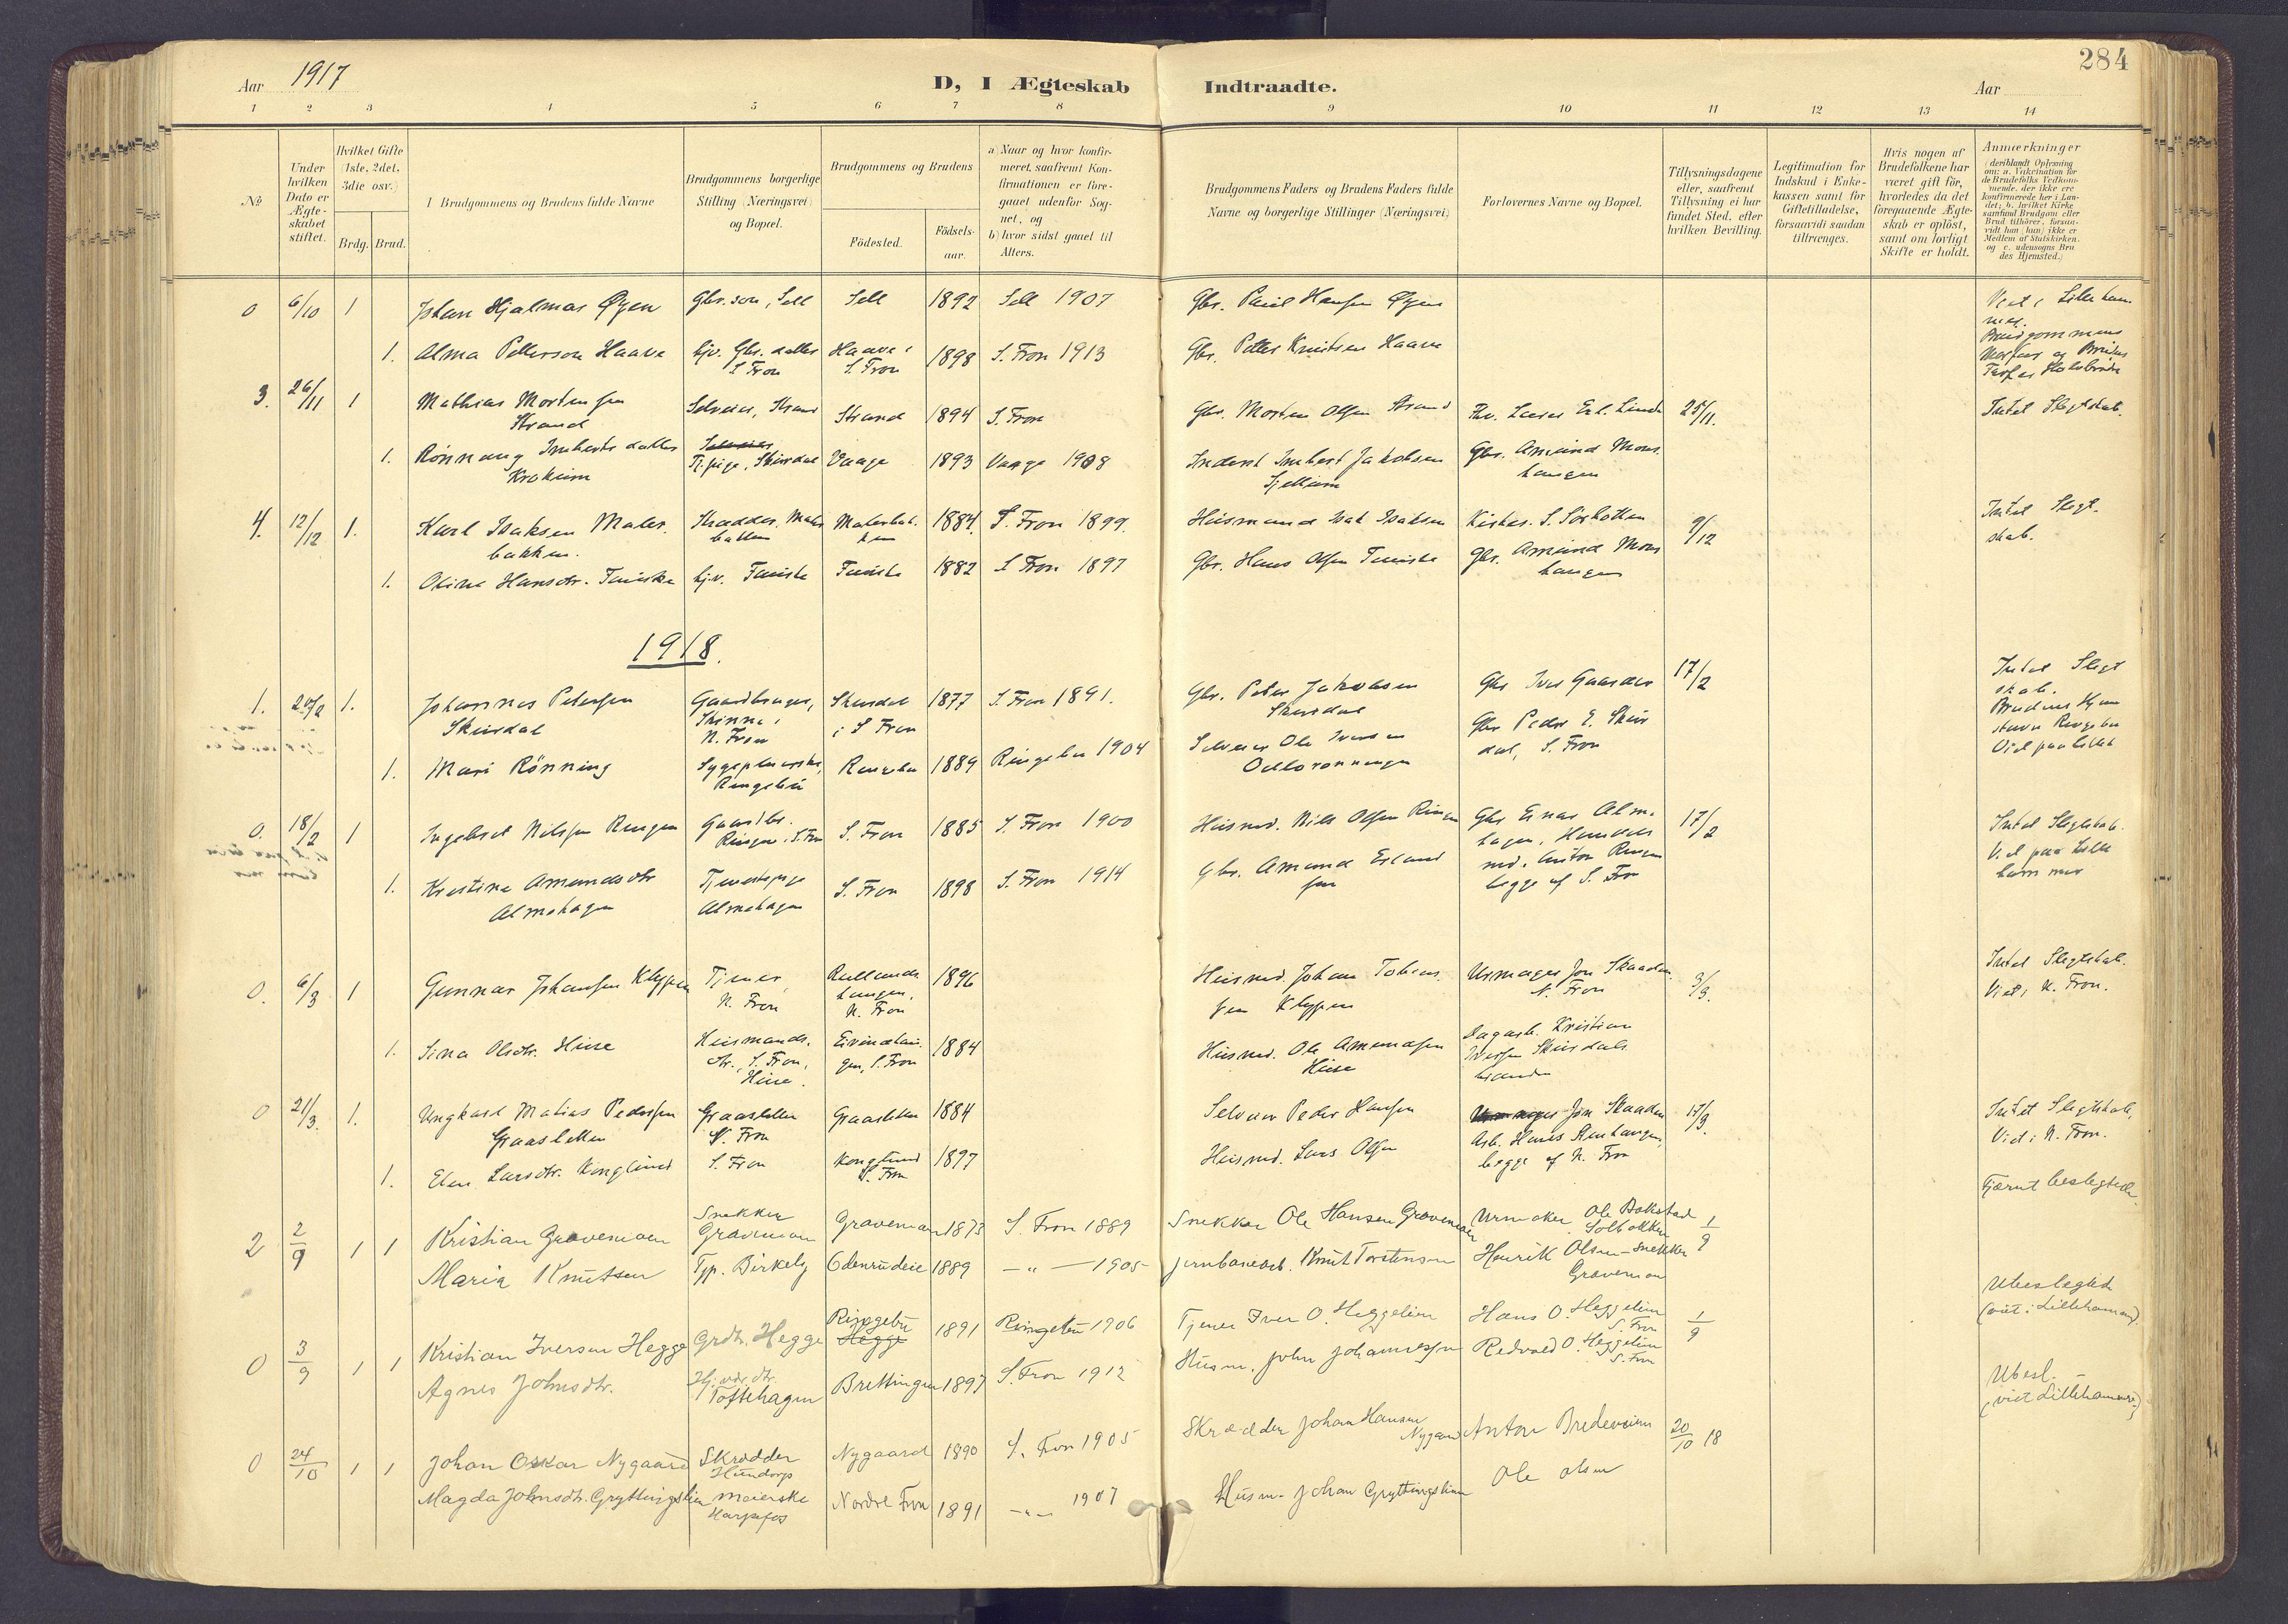 SAH, Sør-Fron prestekontor, H/Ha/Haa/L0004: Ministerialbok nr. 4, 1898-1919, s. 284